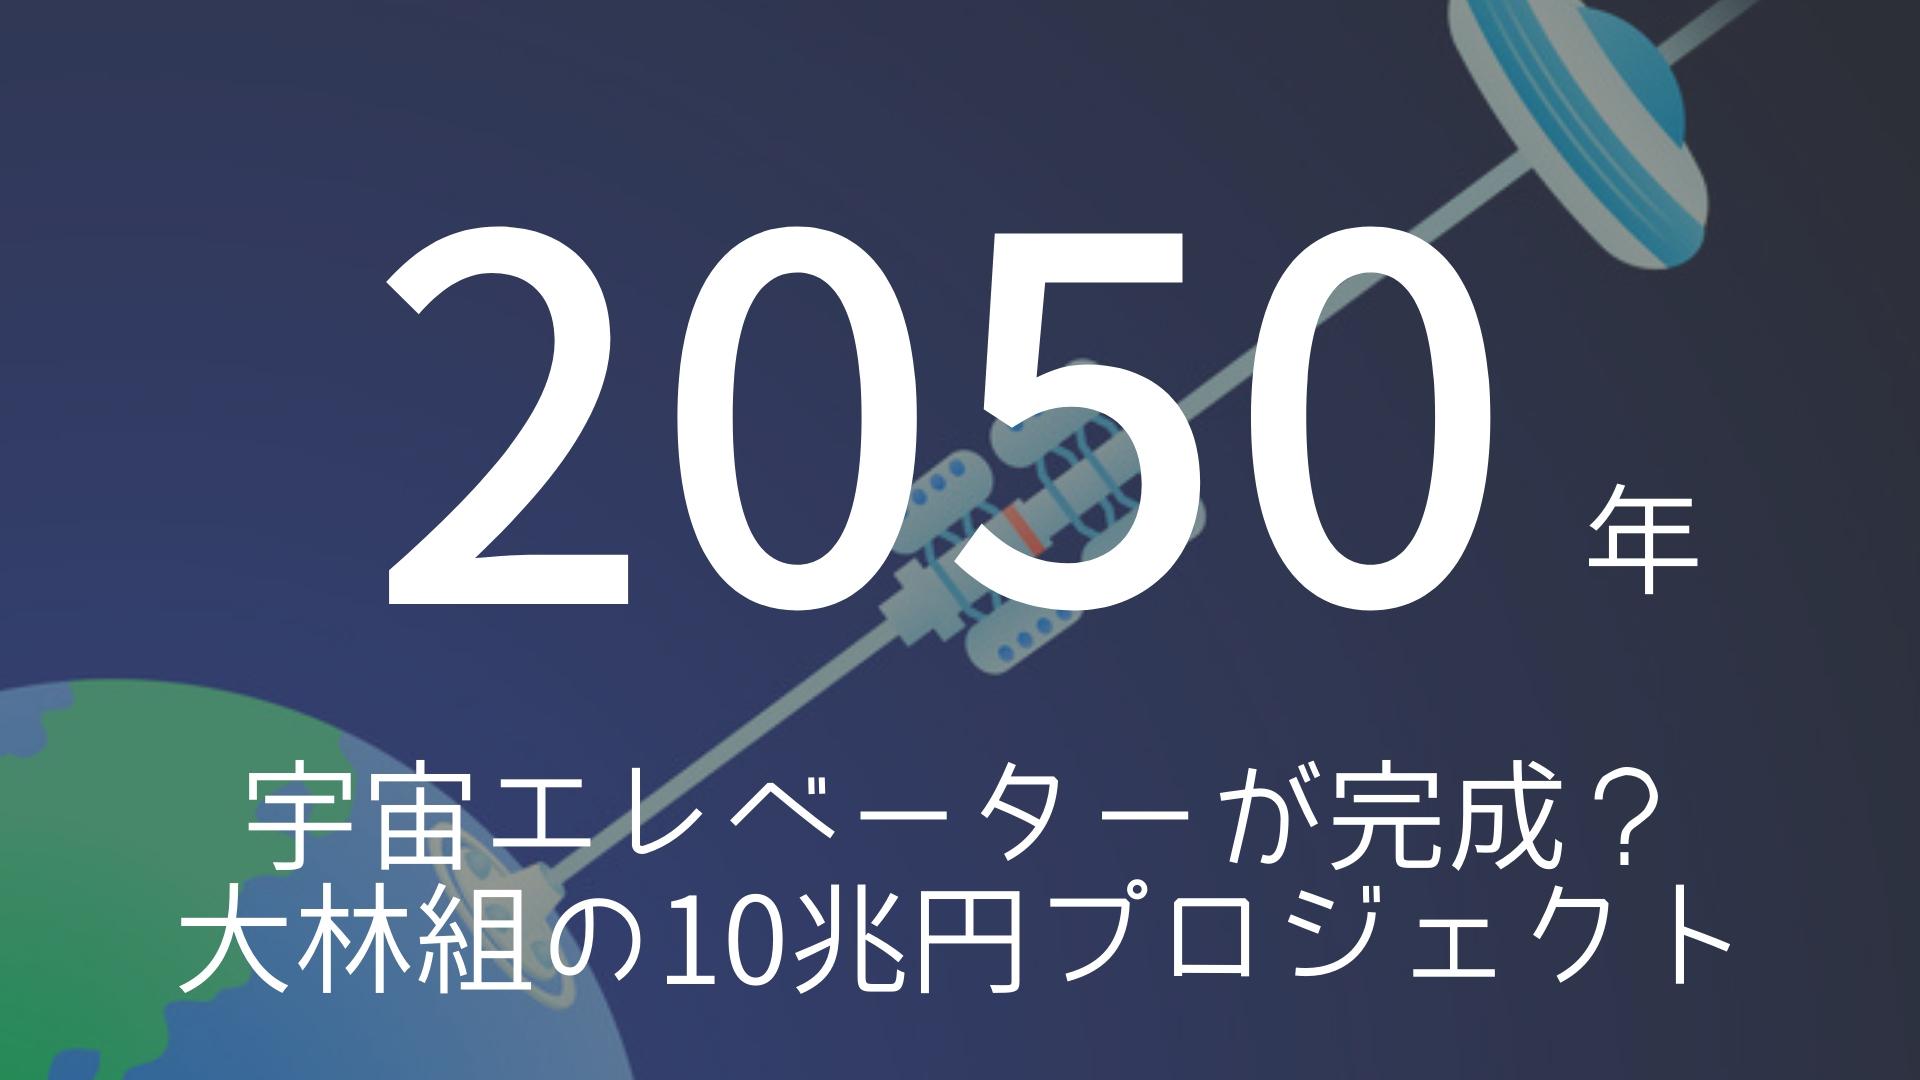 「2050年」 >>> 大林組の10兆円プロジェクト「宇宙エレベーター建設構想」